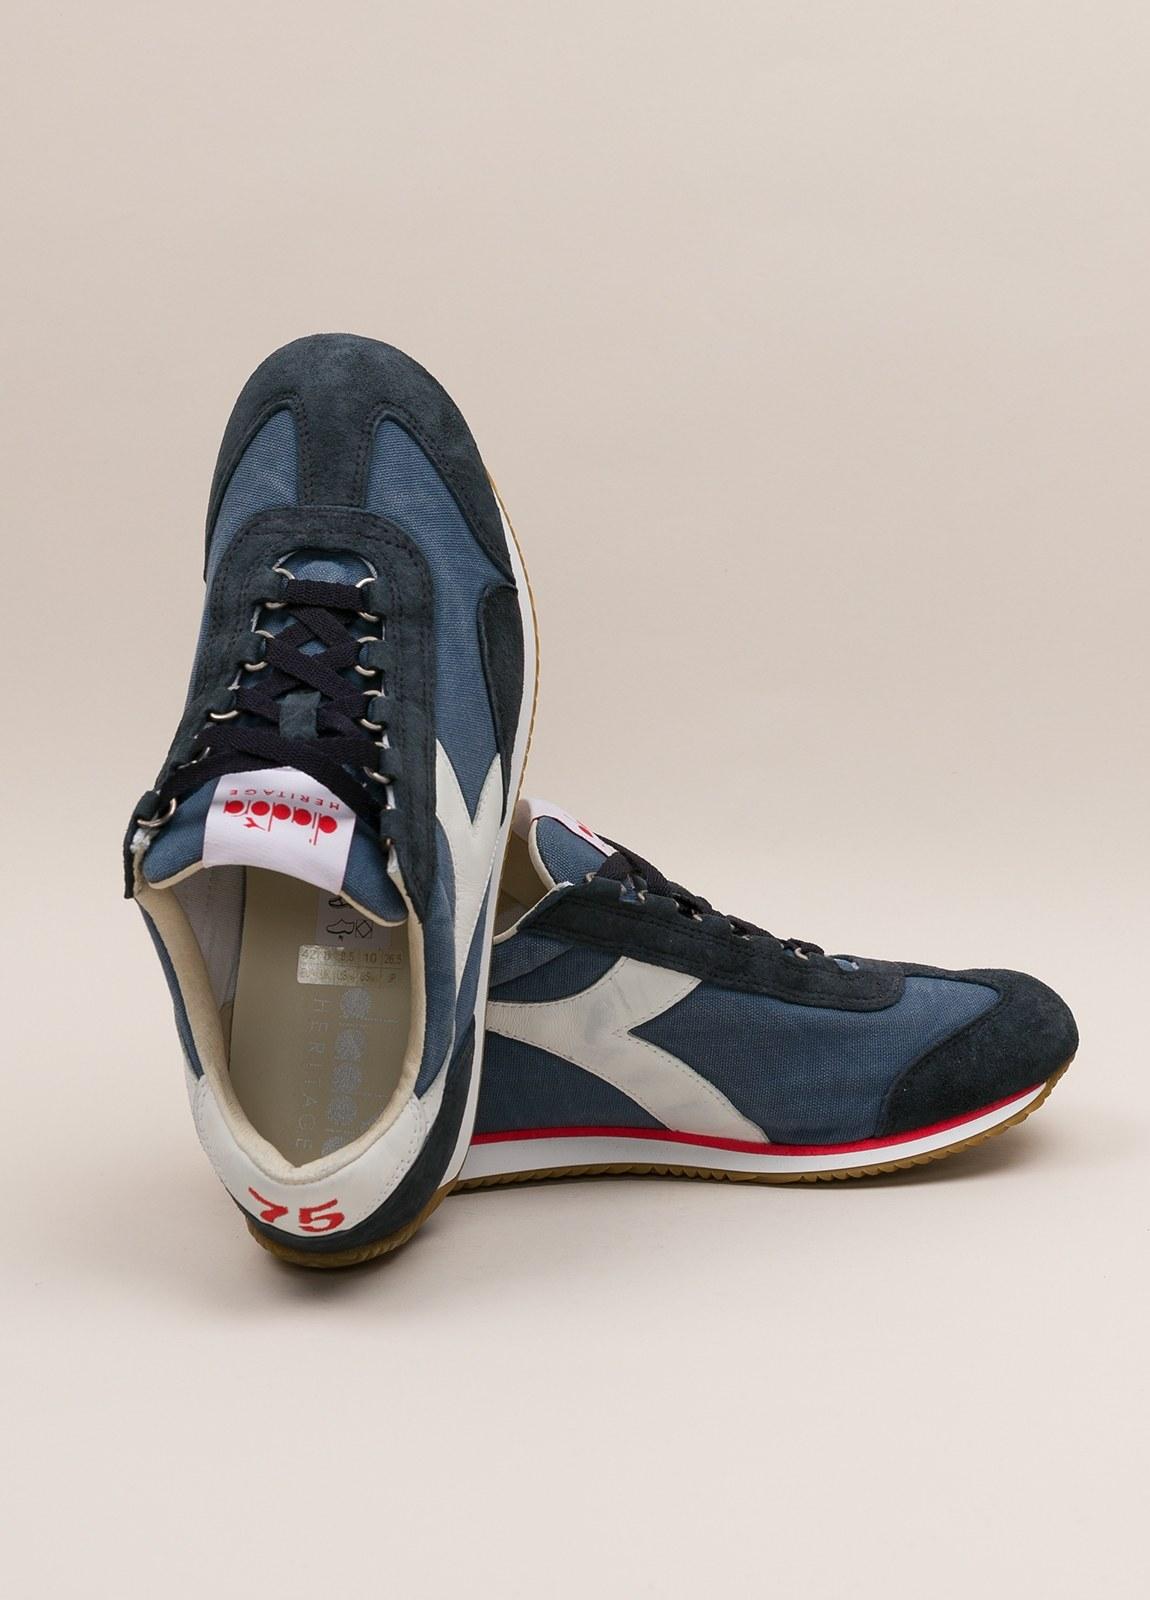 Sneakers DIADORA color azul - Ítem4